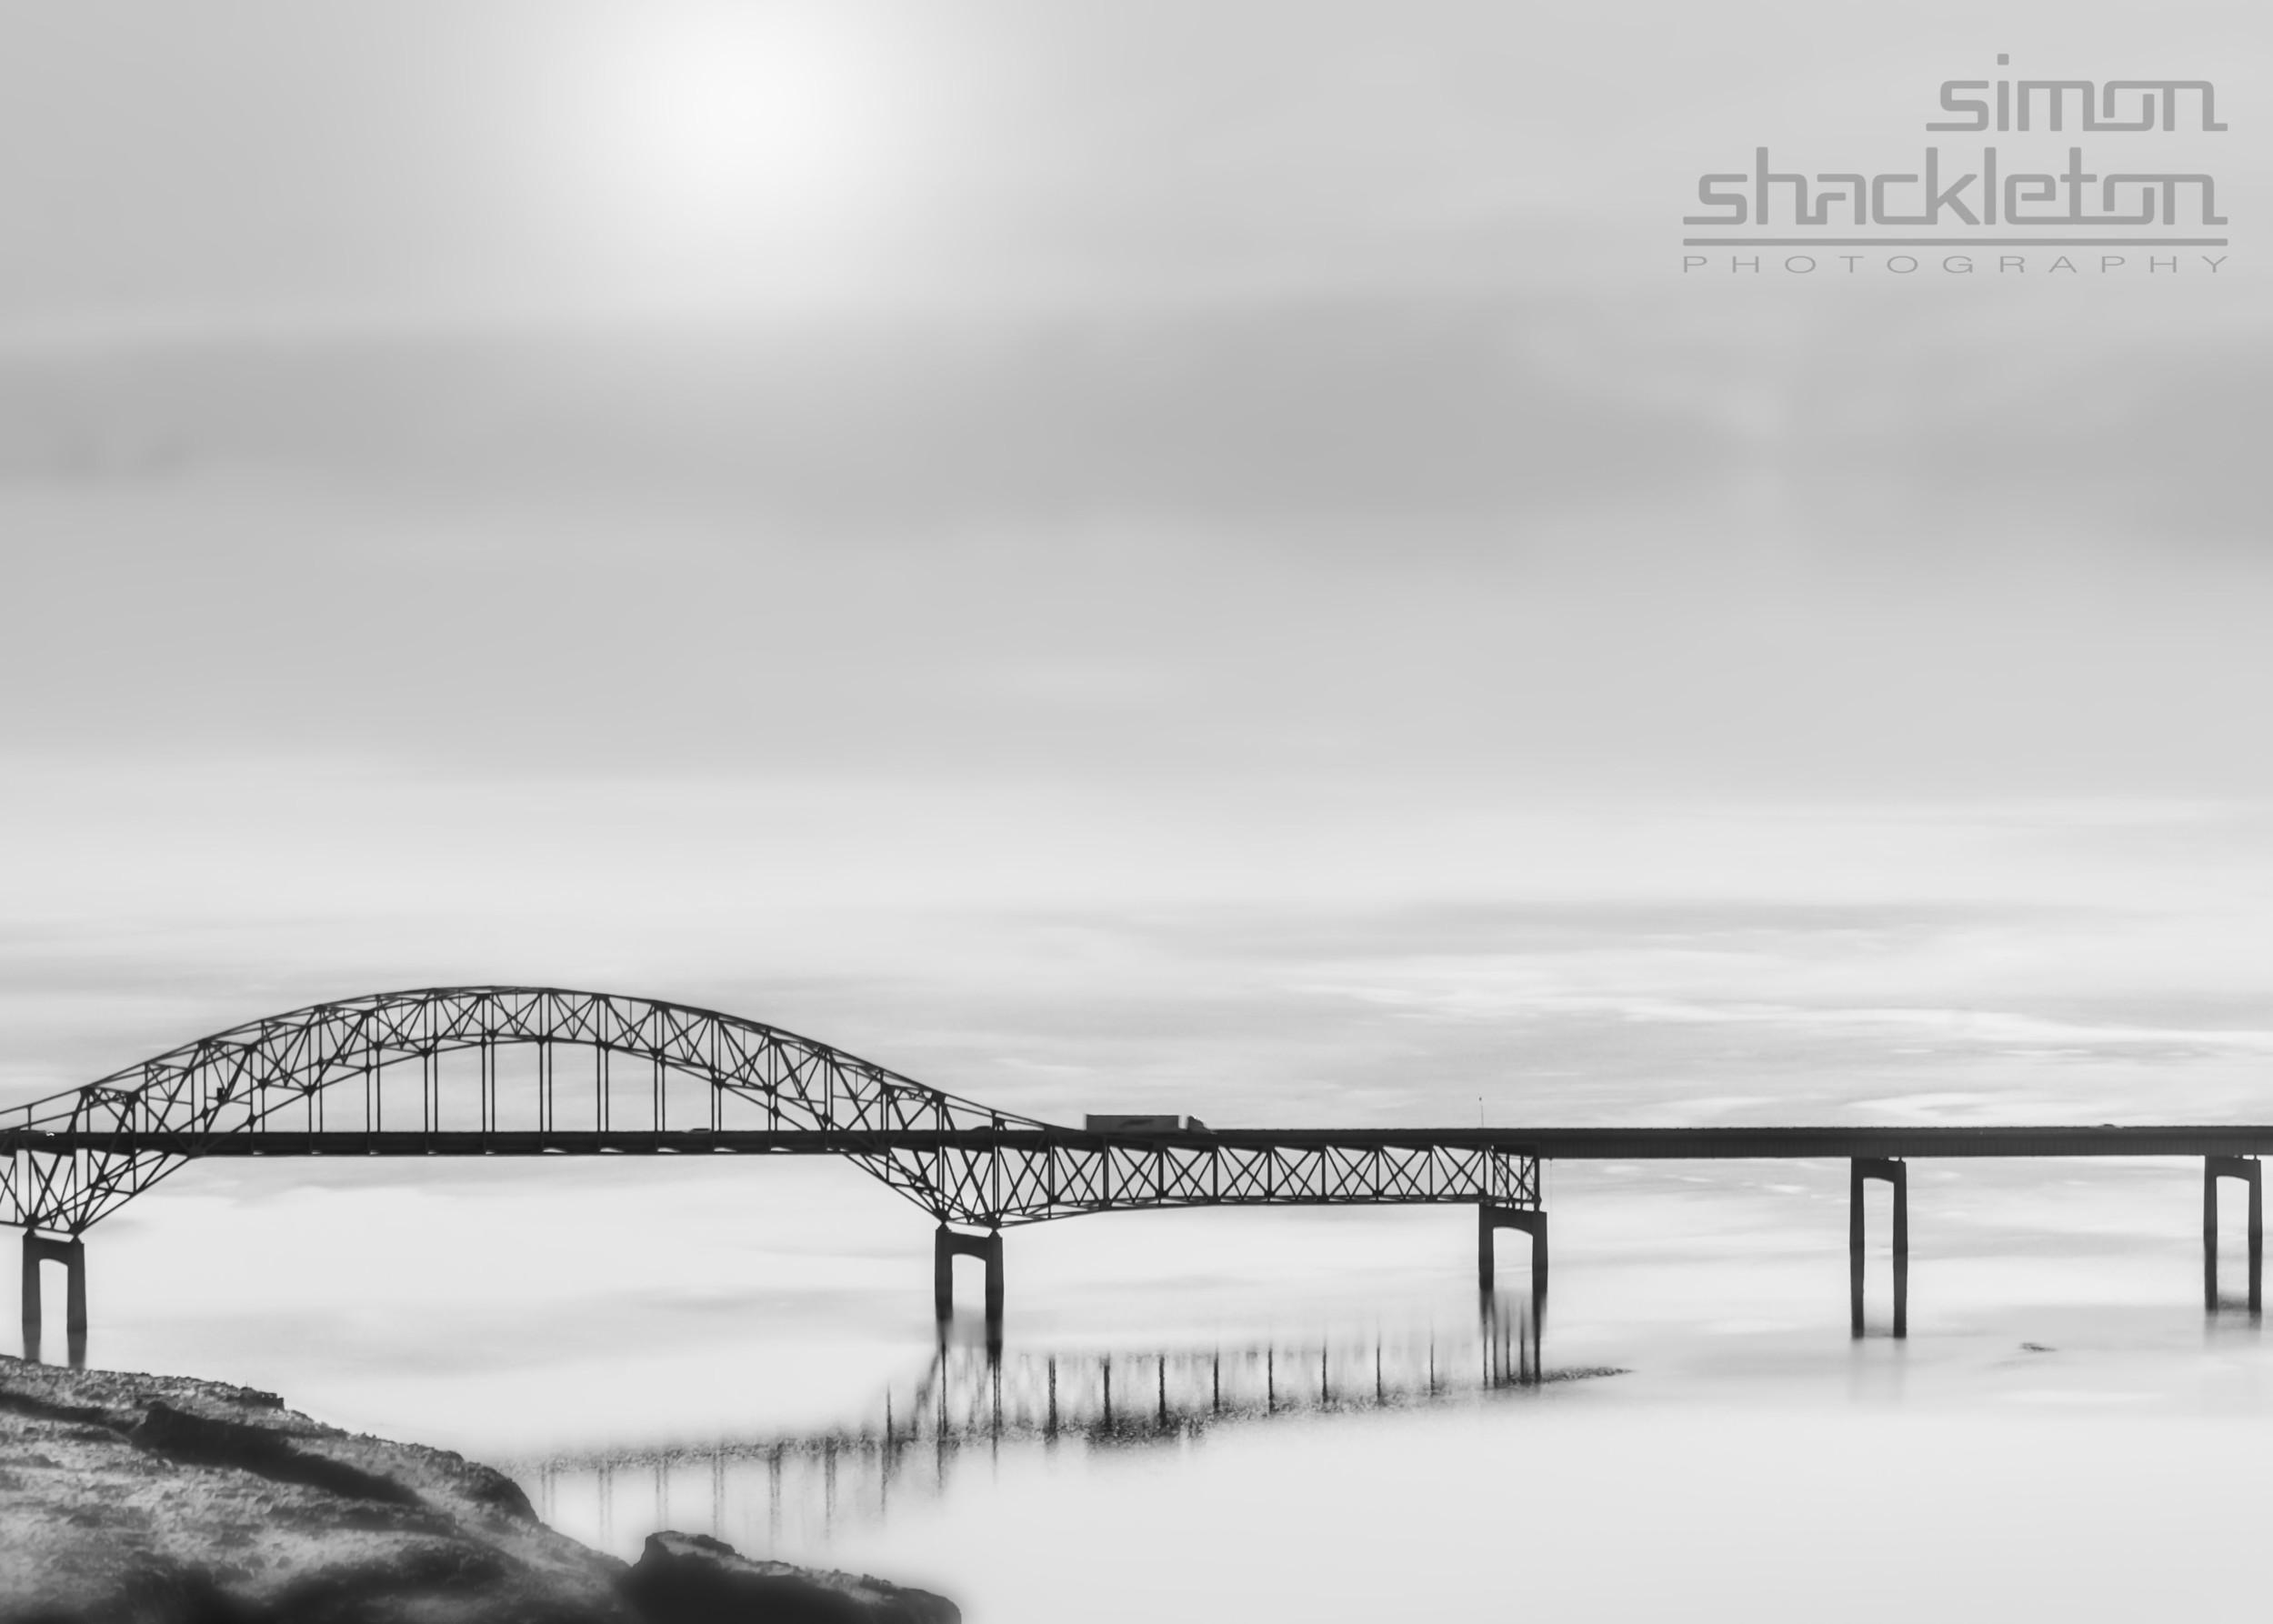 On the bridge ...